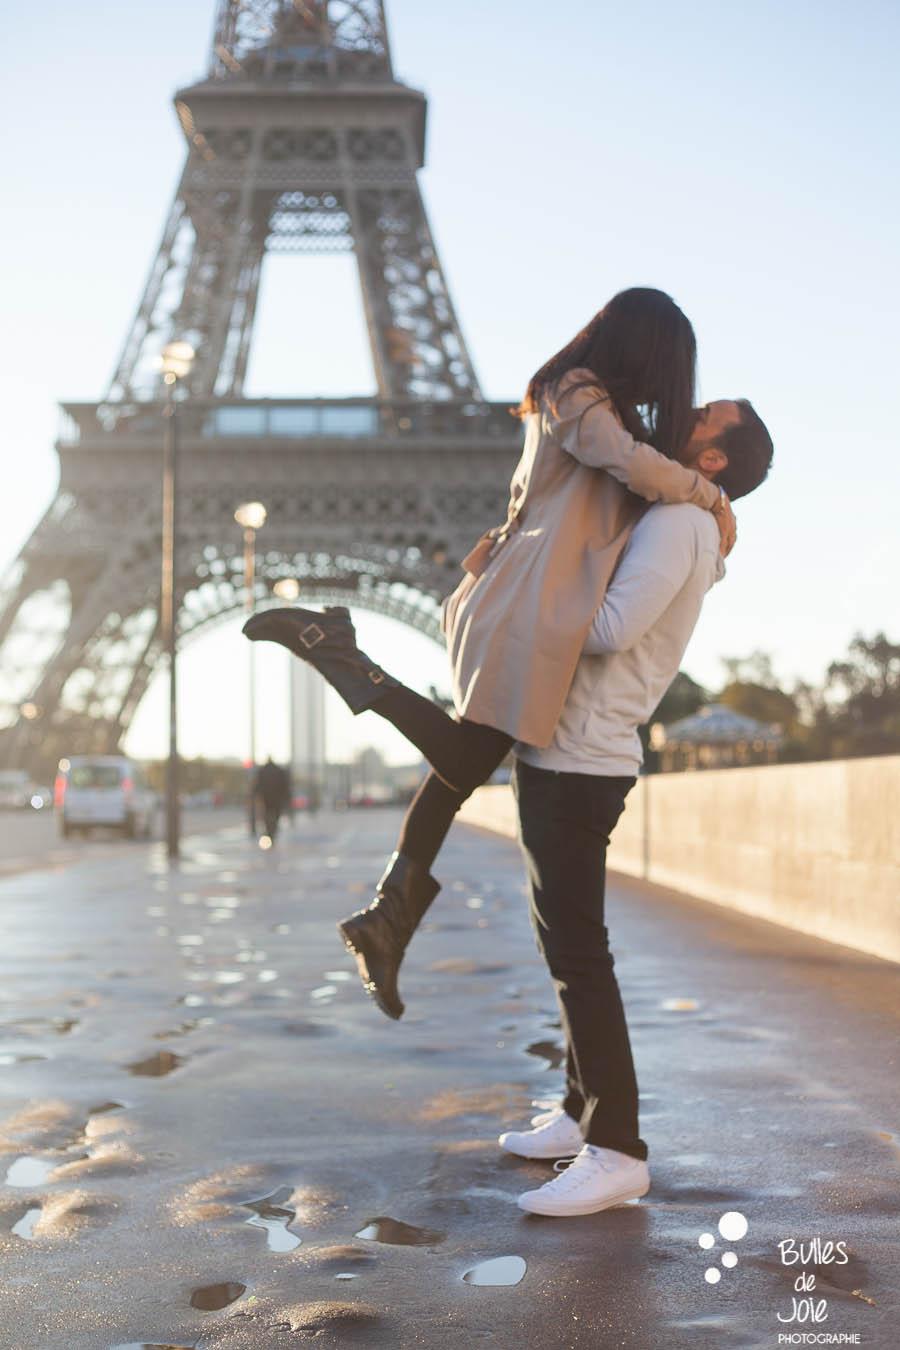 shooting photo couple : jeune homme soulevant sa femme, au pied de la Tour Eiffel